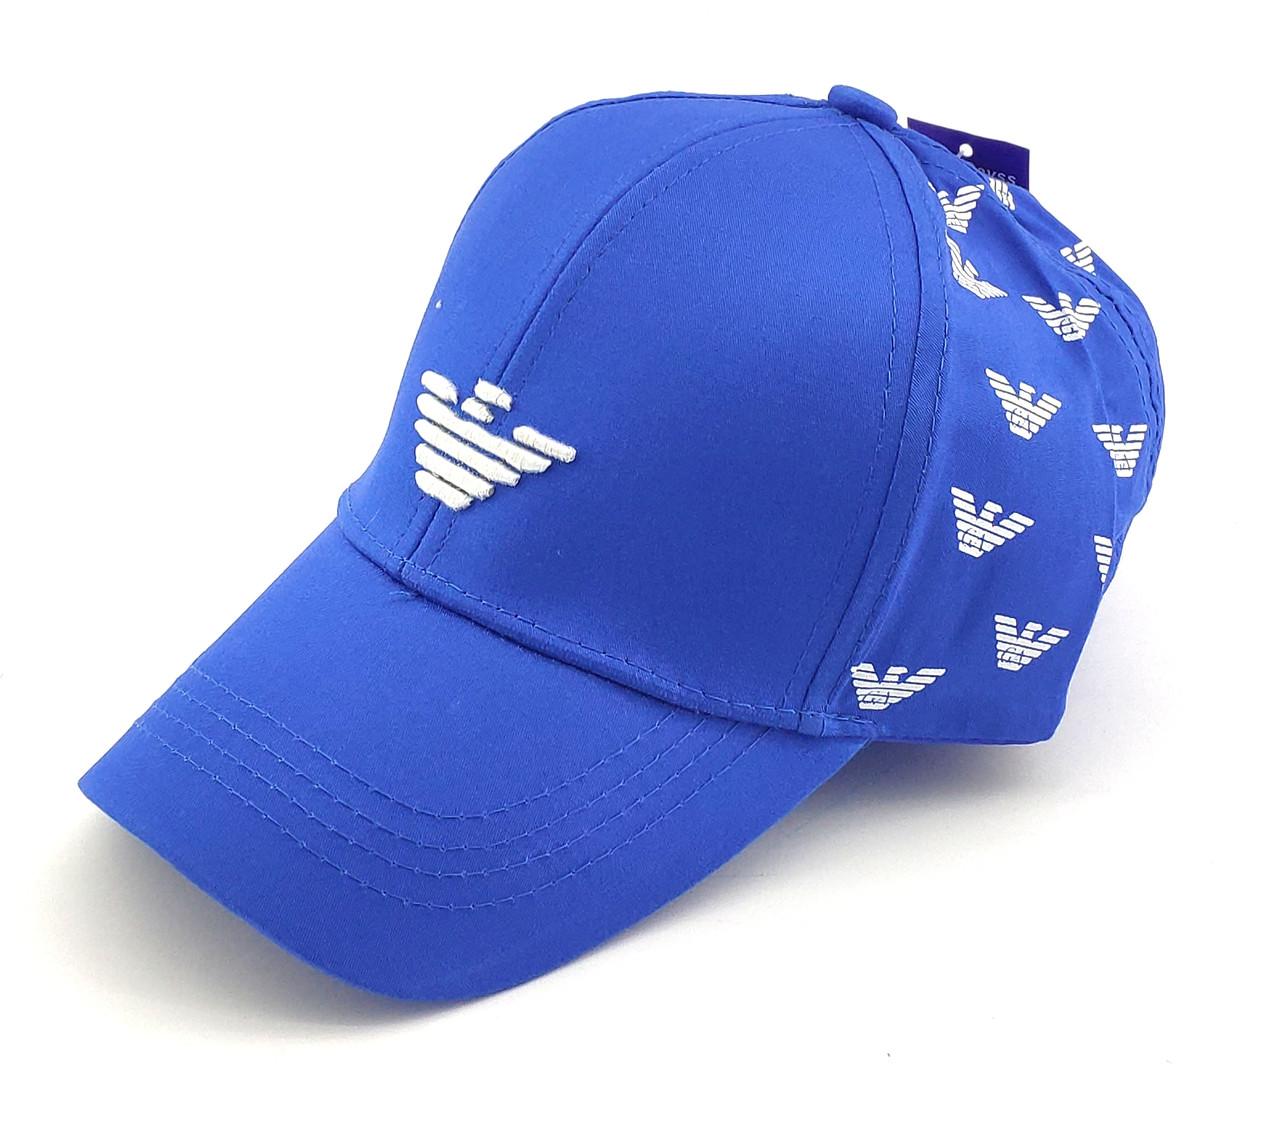 Детская бейсболка кепка с 52 по 56 размер детские бейсболки кепки летние для мальчика